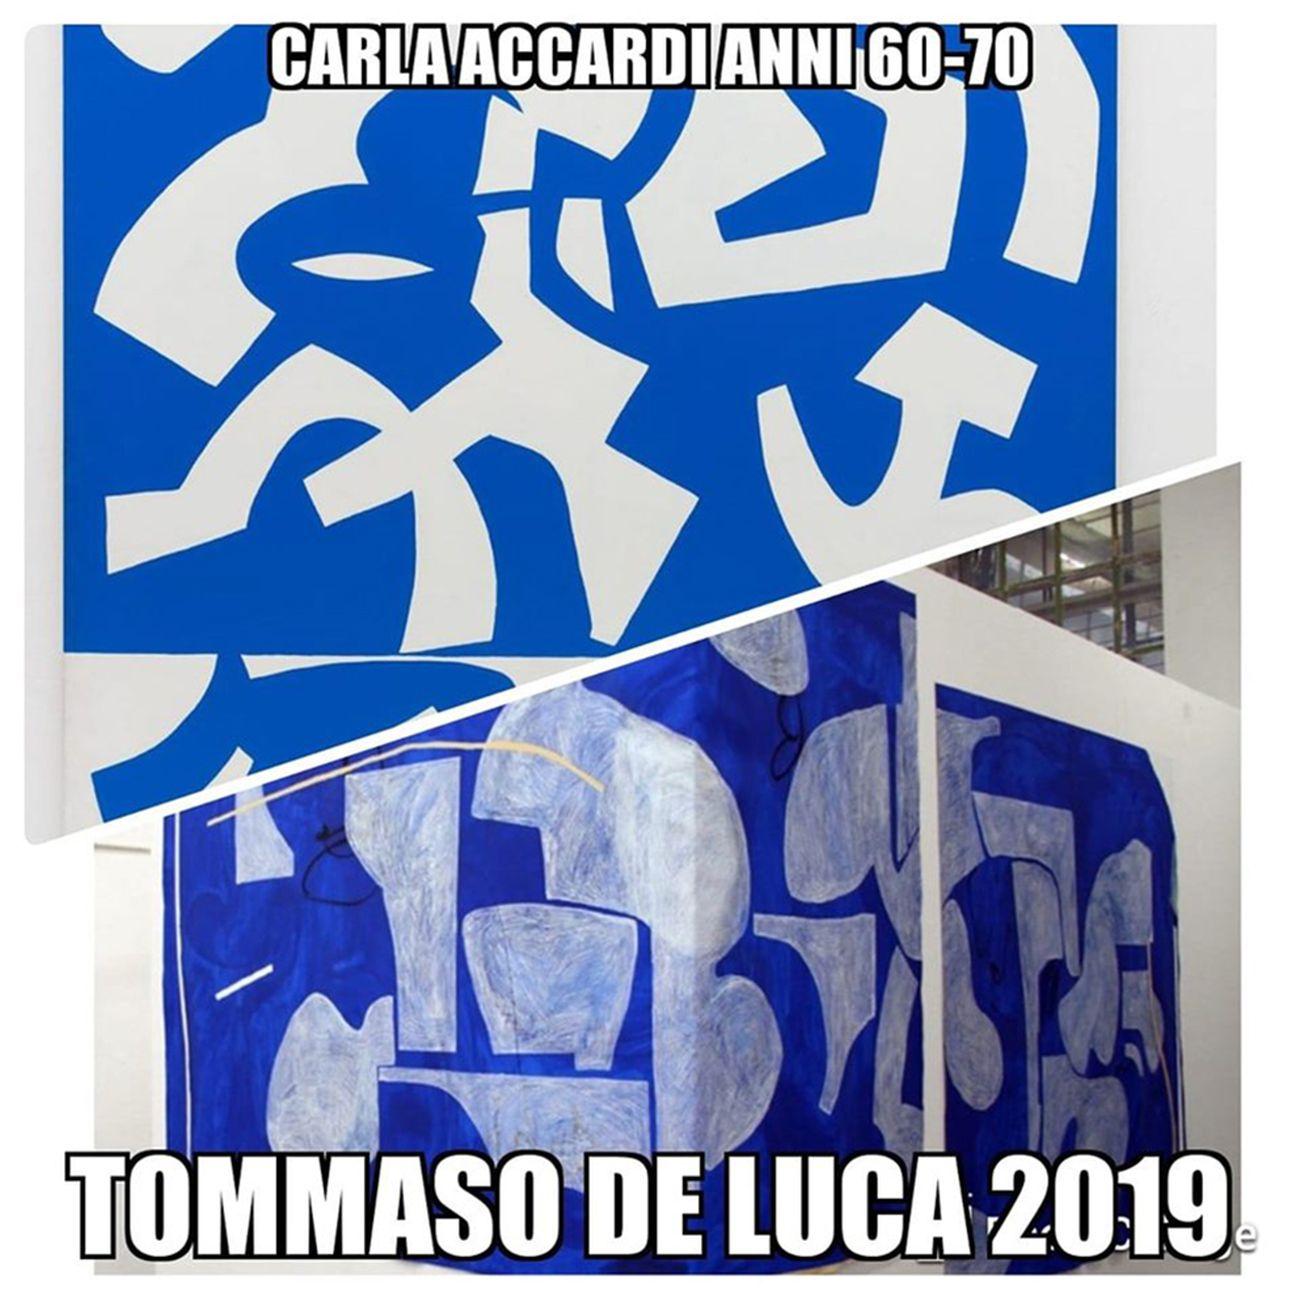 Luca Rossi, Confronto tra Carla Accardi e Tommaso De Luca